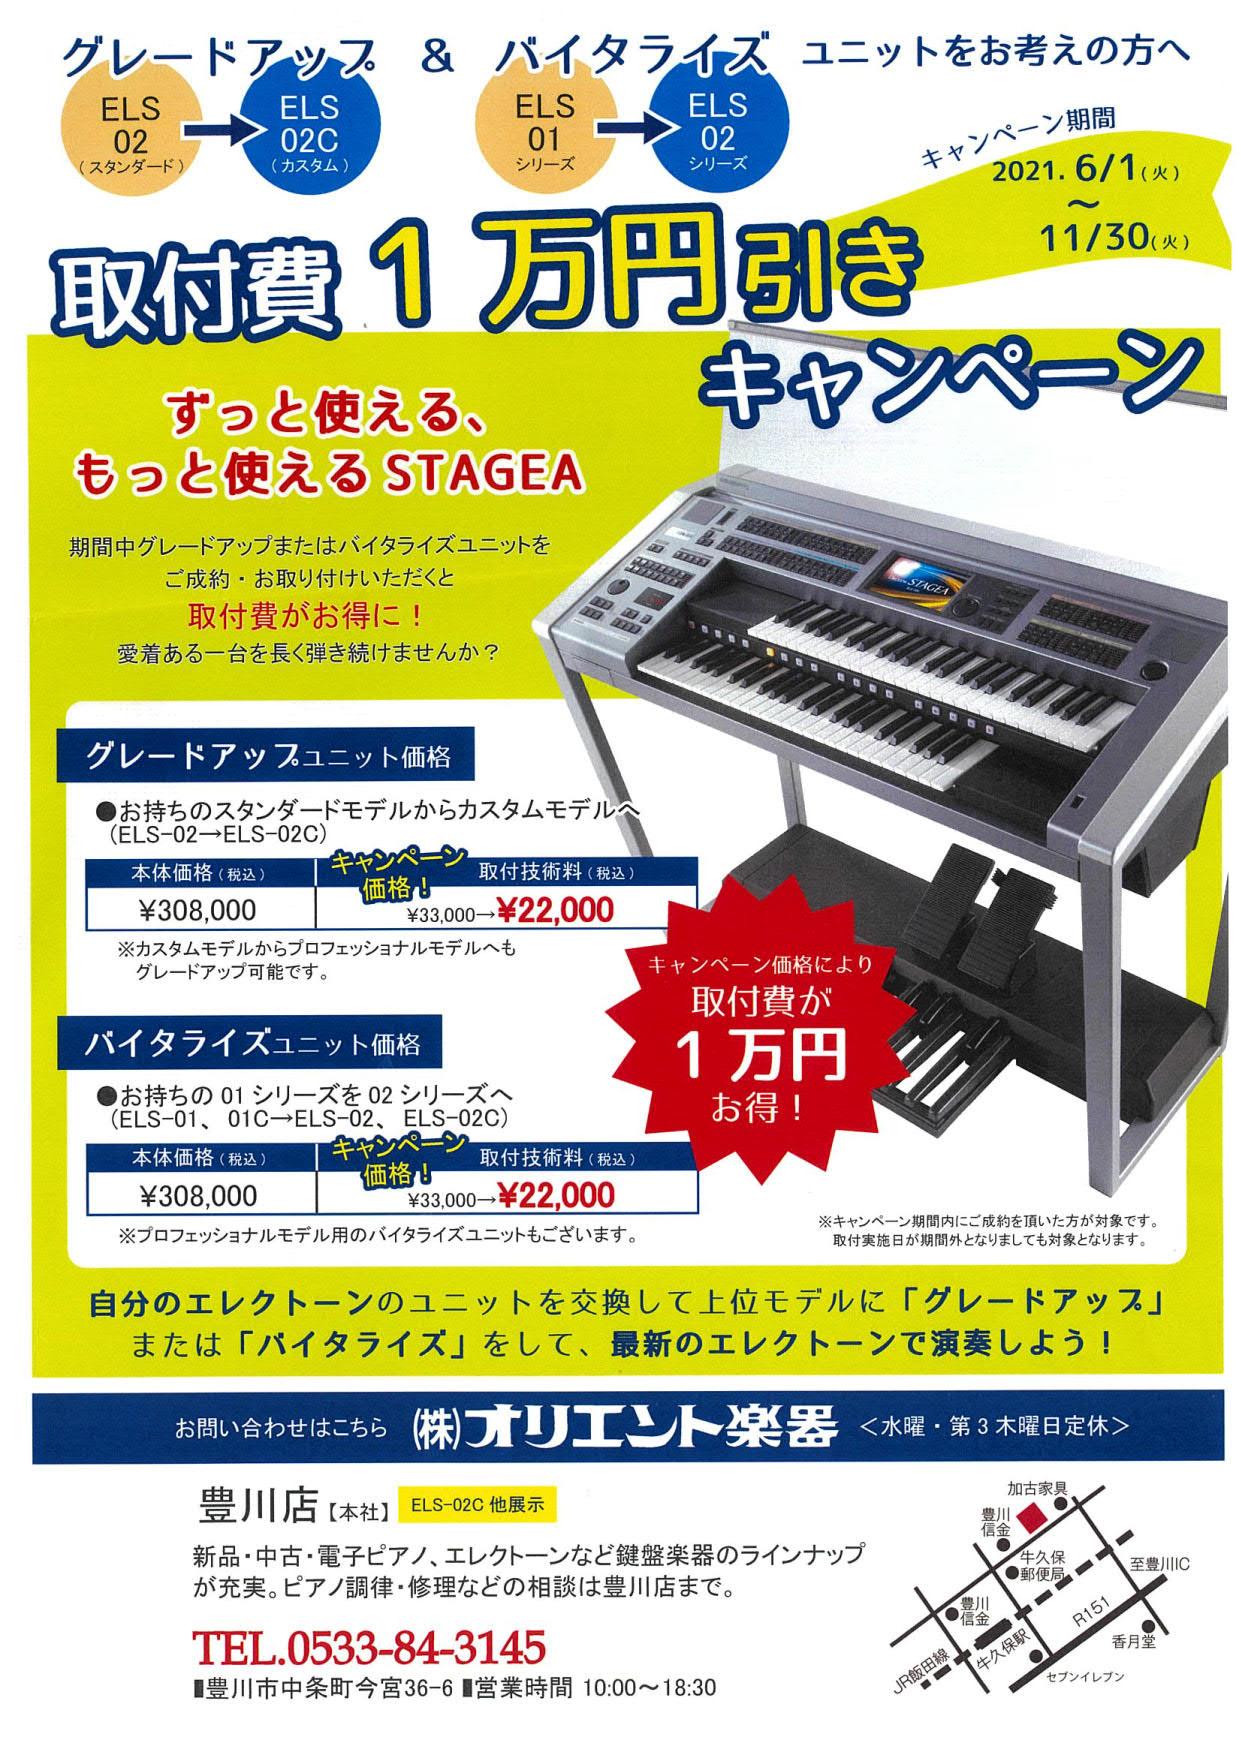 取付費1万円引きキャンペーン